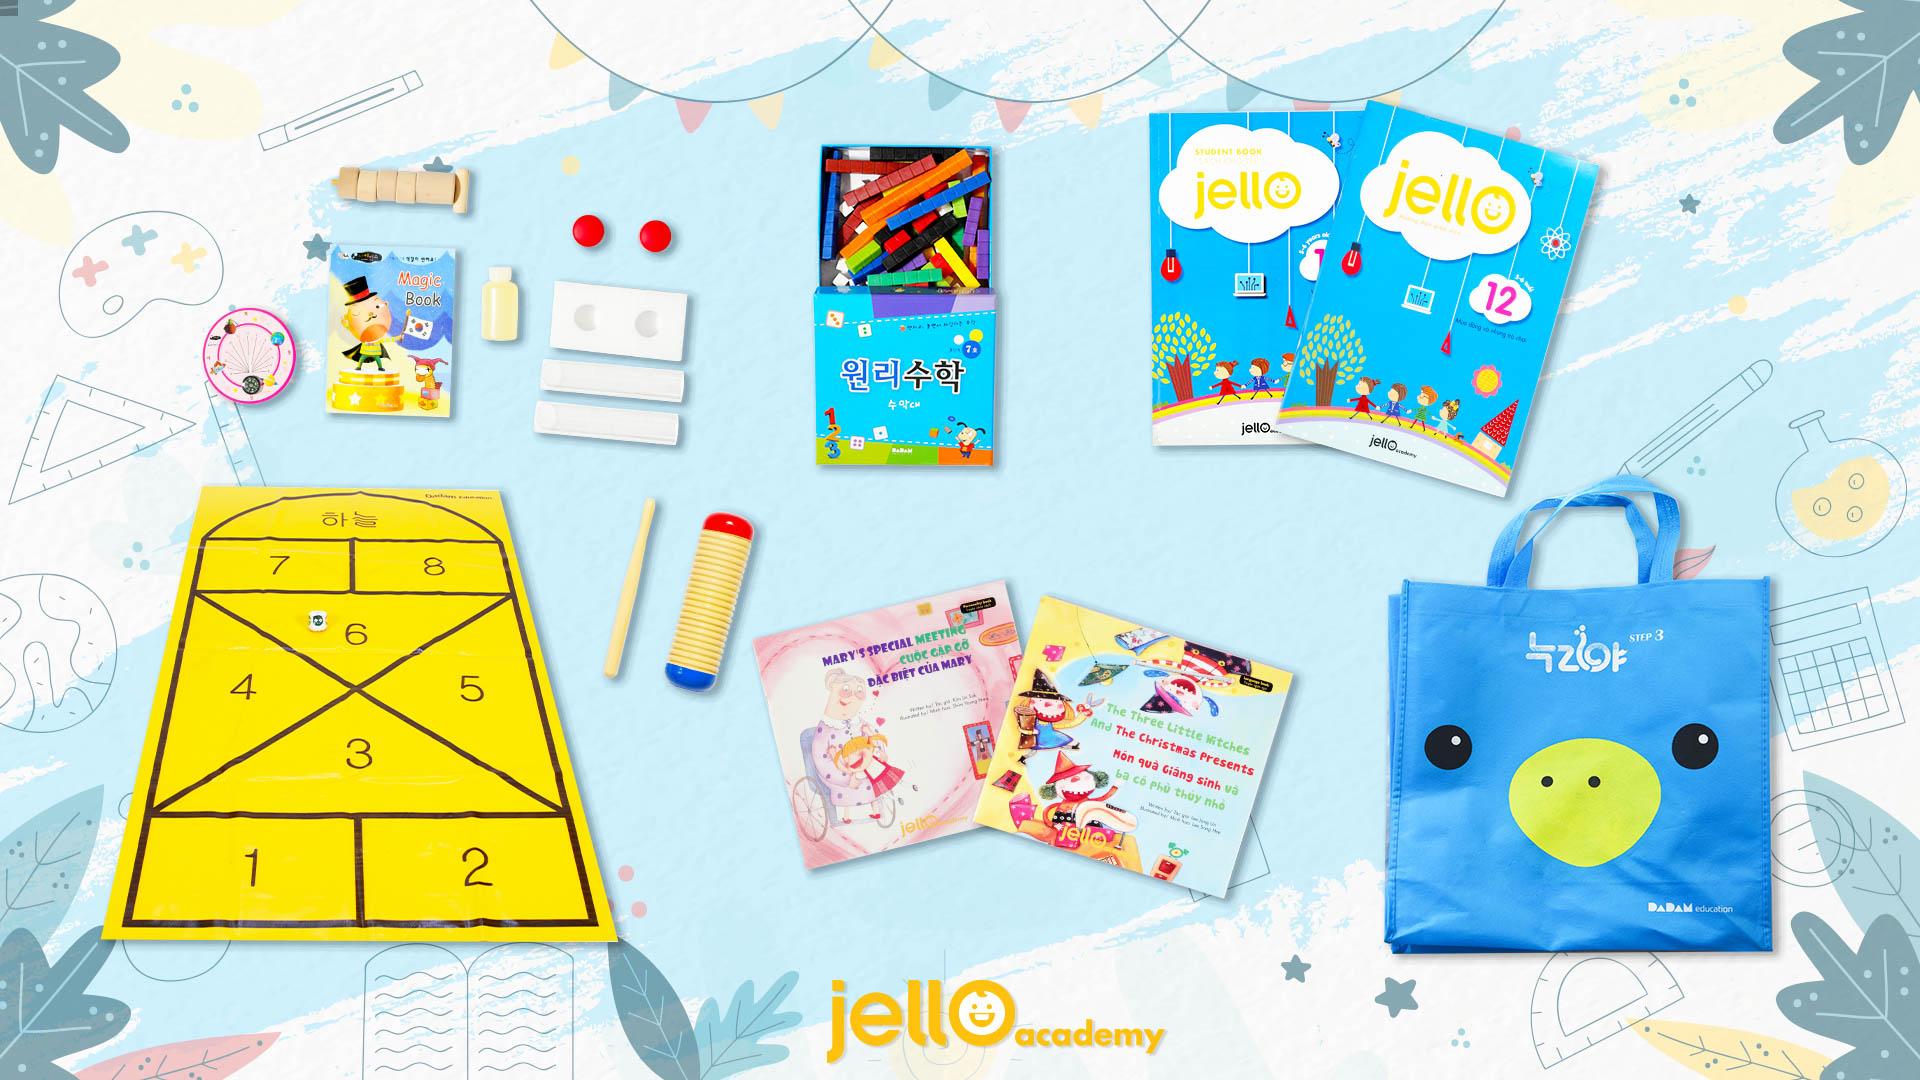 Bộ học cụ Jello - 5 Tuổi - Tháng 12